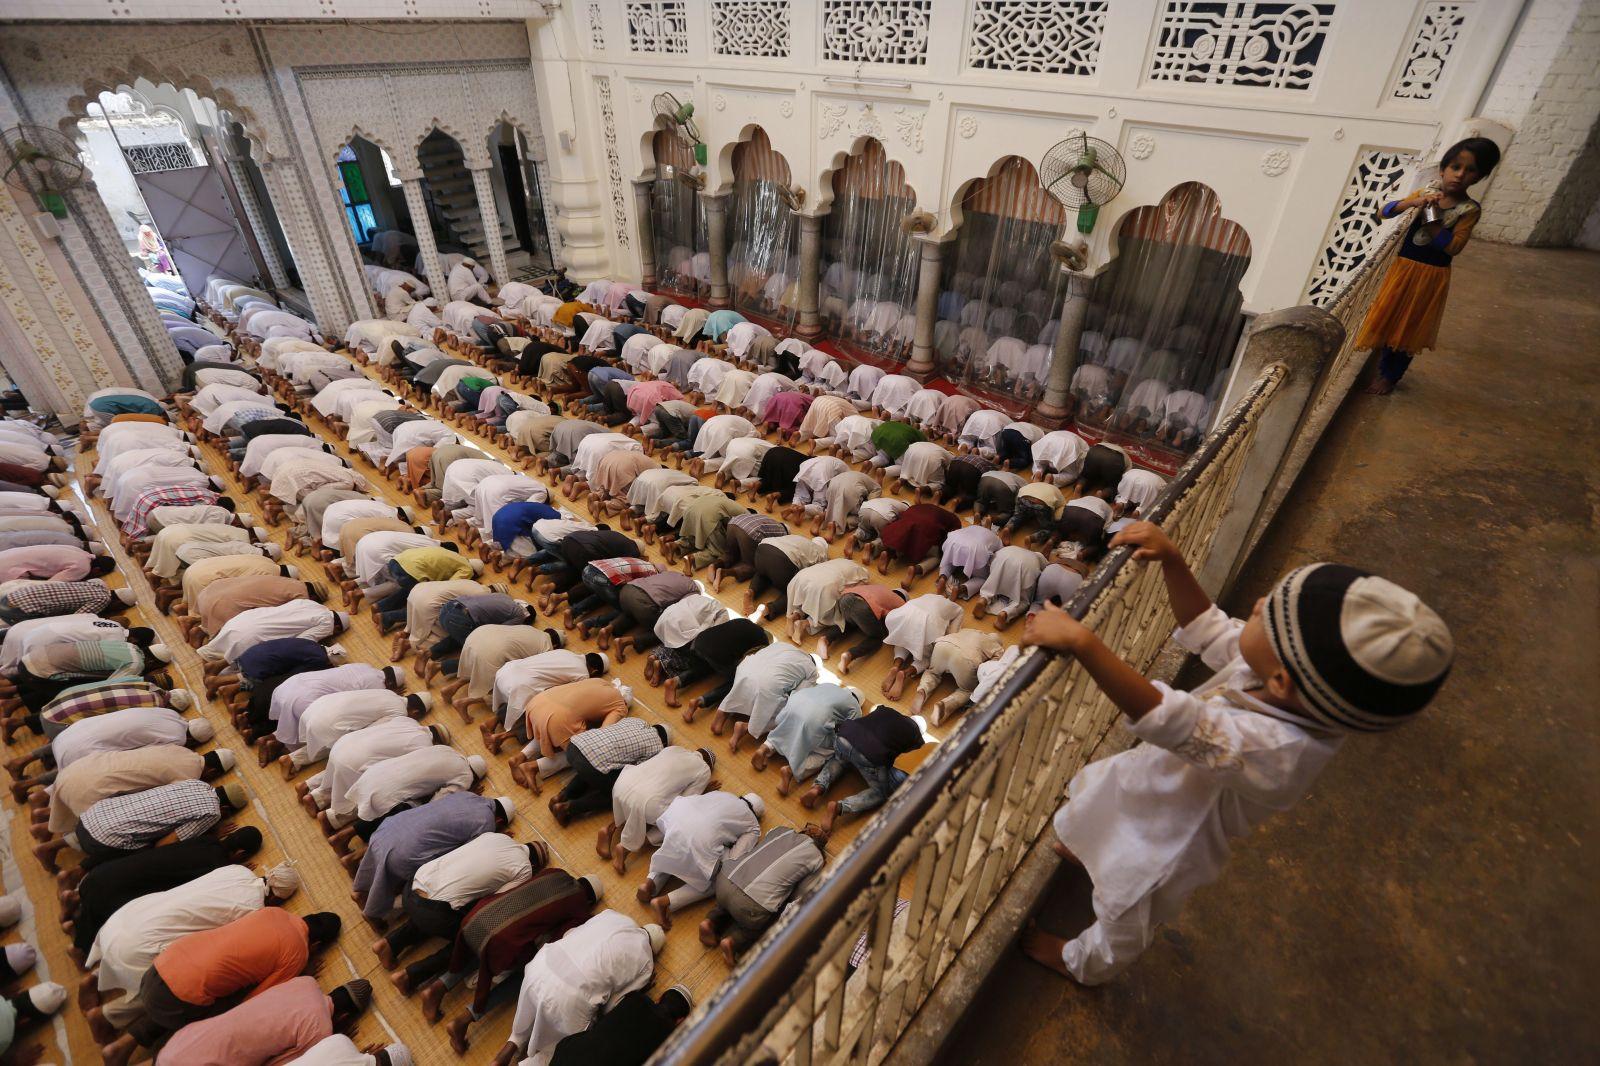 Ramadán začíná: Muslimové budou měsíc držet půst a obdarovávat chudé